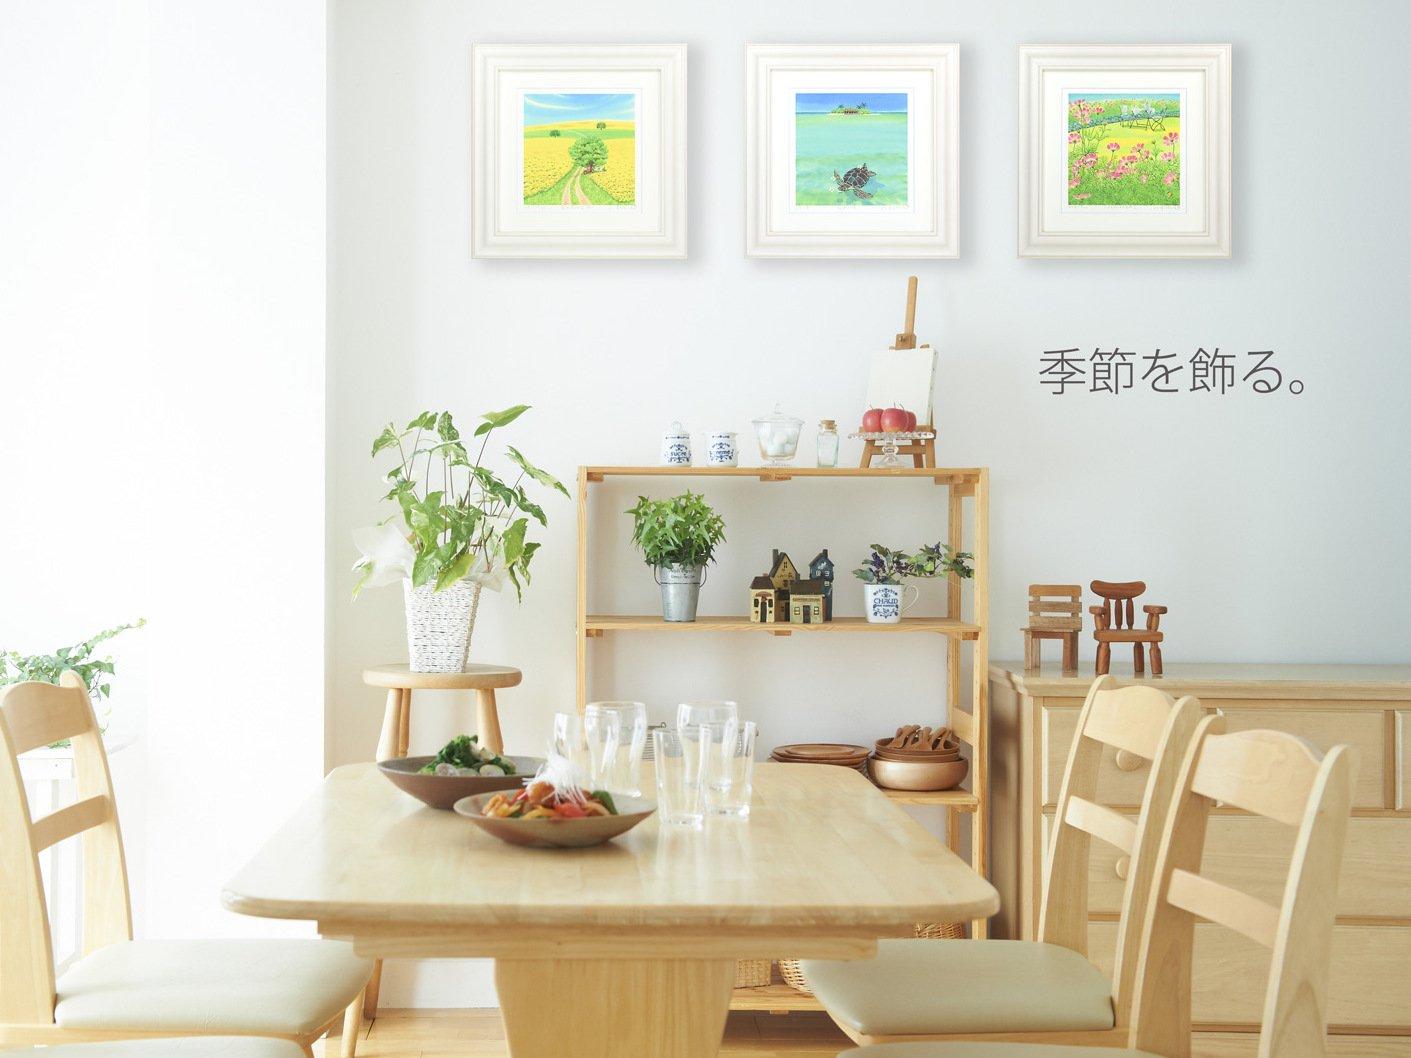 《絵画 水彩画》海への道〔栗乃木ハルミ くりのきはるみ 〕